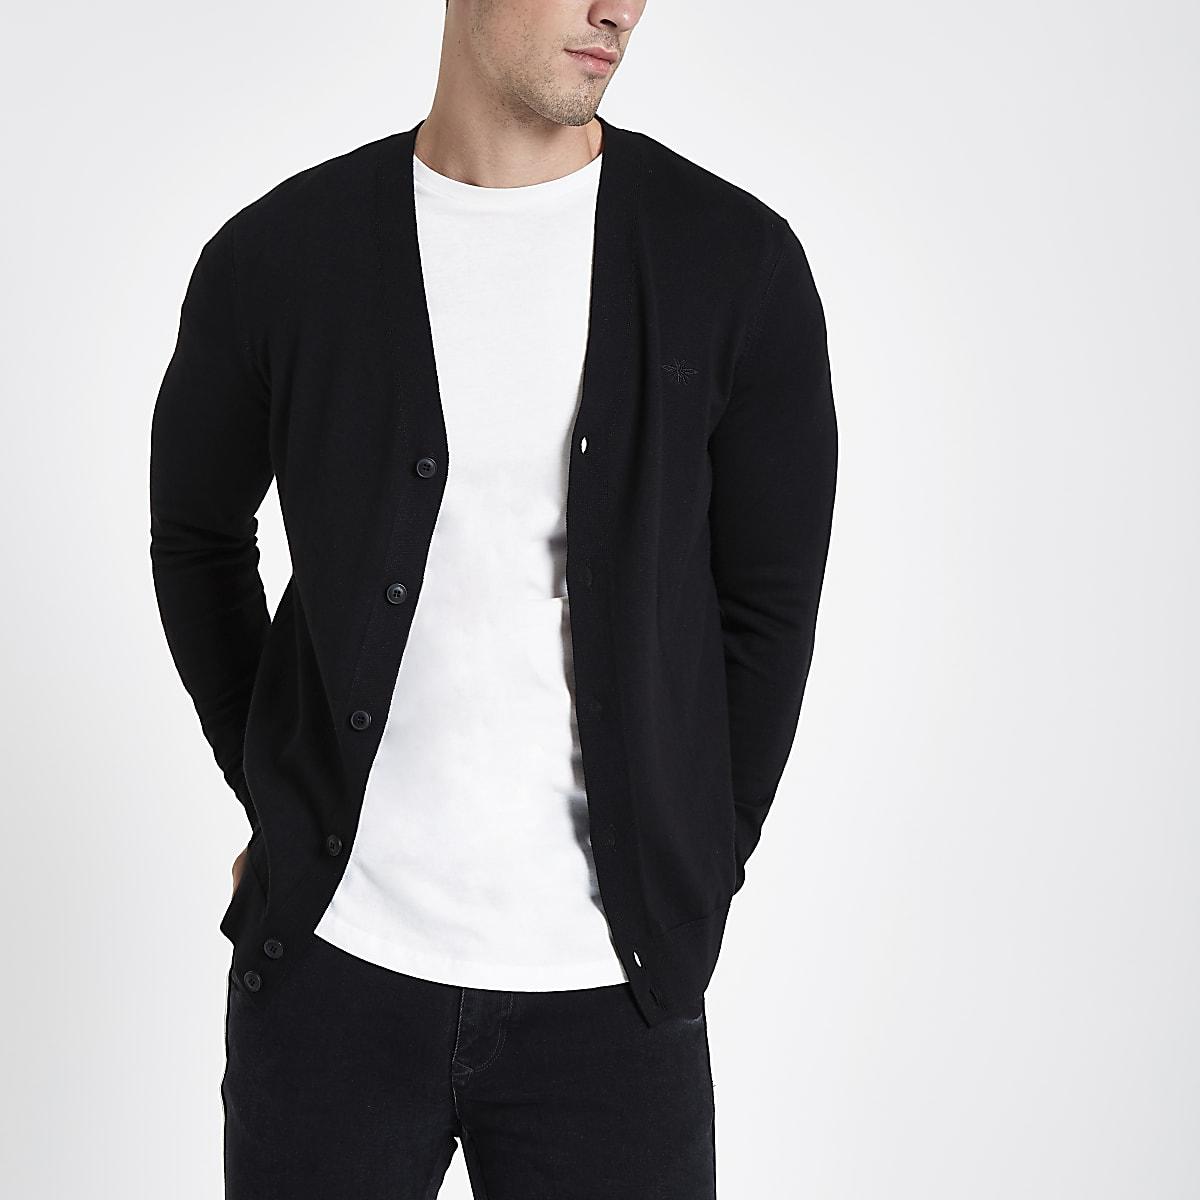 914ab40c778 Zwart vest met V-hals en knopen - Vesten - Pullovers & Vesten - Heren